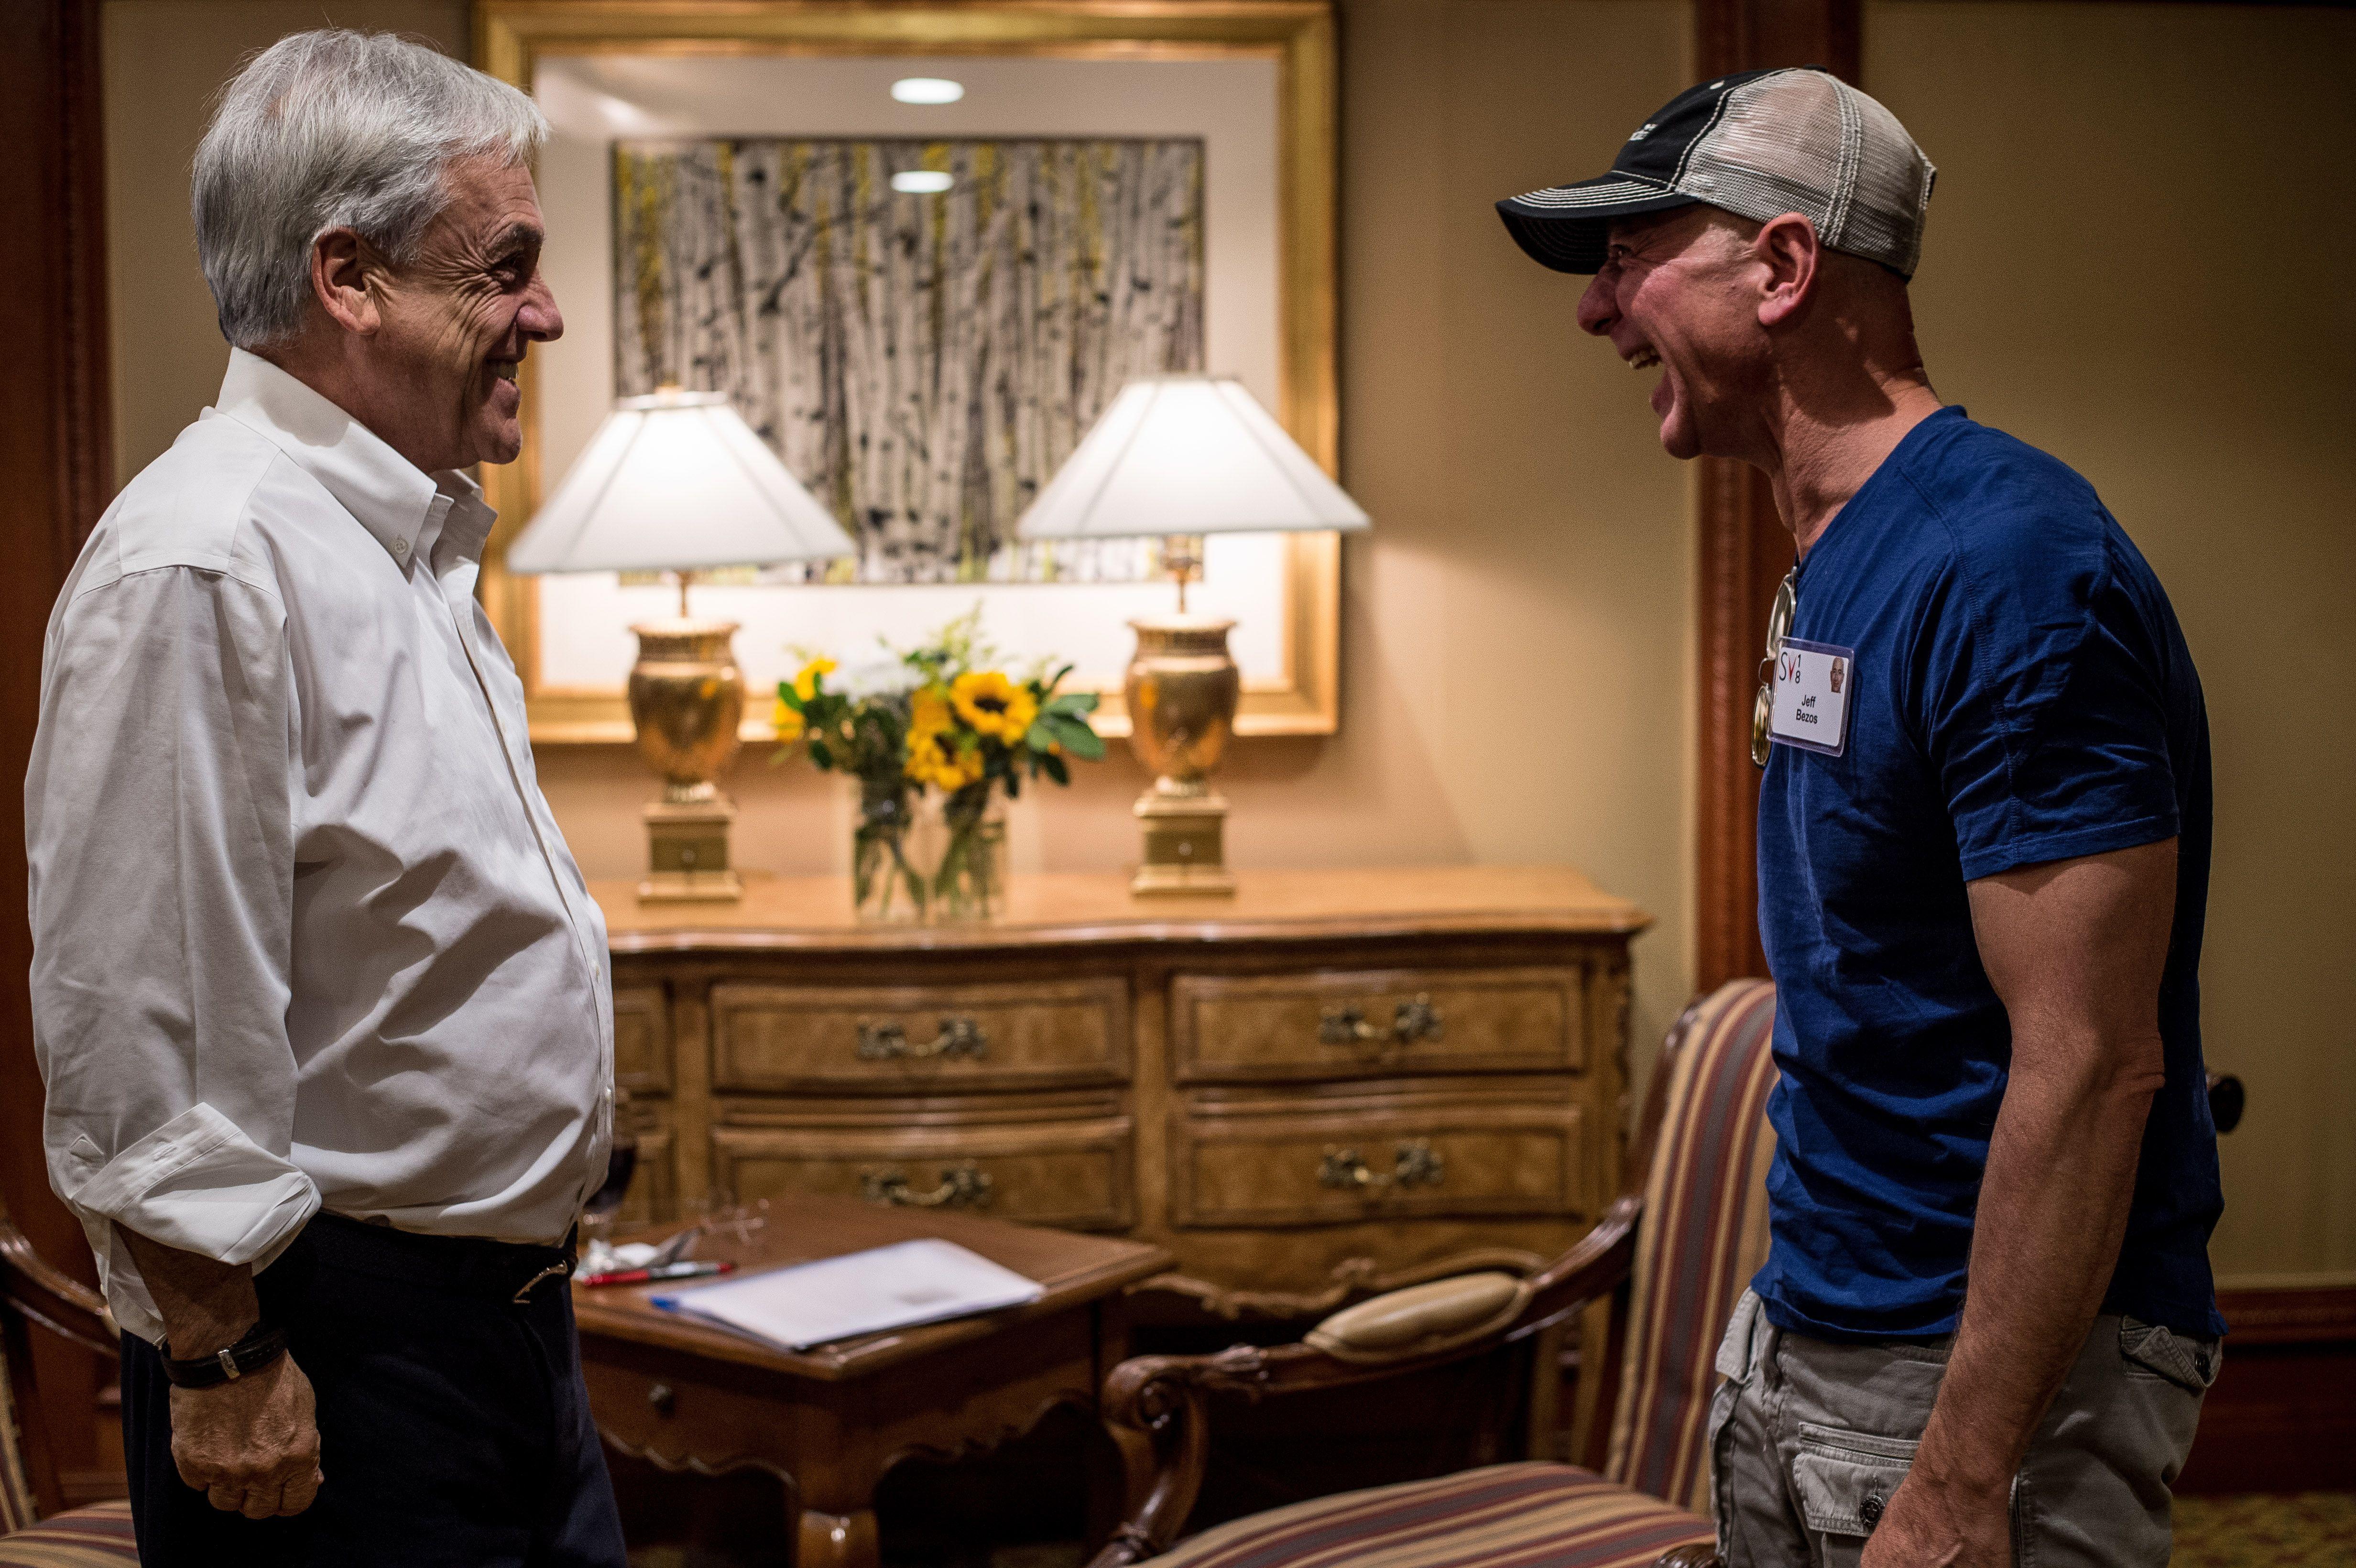 El presidente de Chile Sebastián Piñera y el CEO de Amazon Jeff Bezos